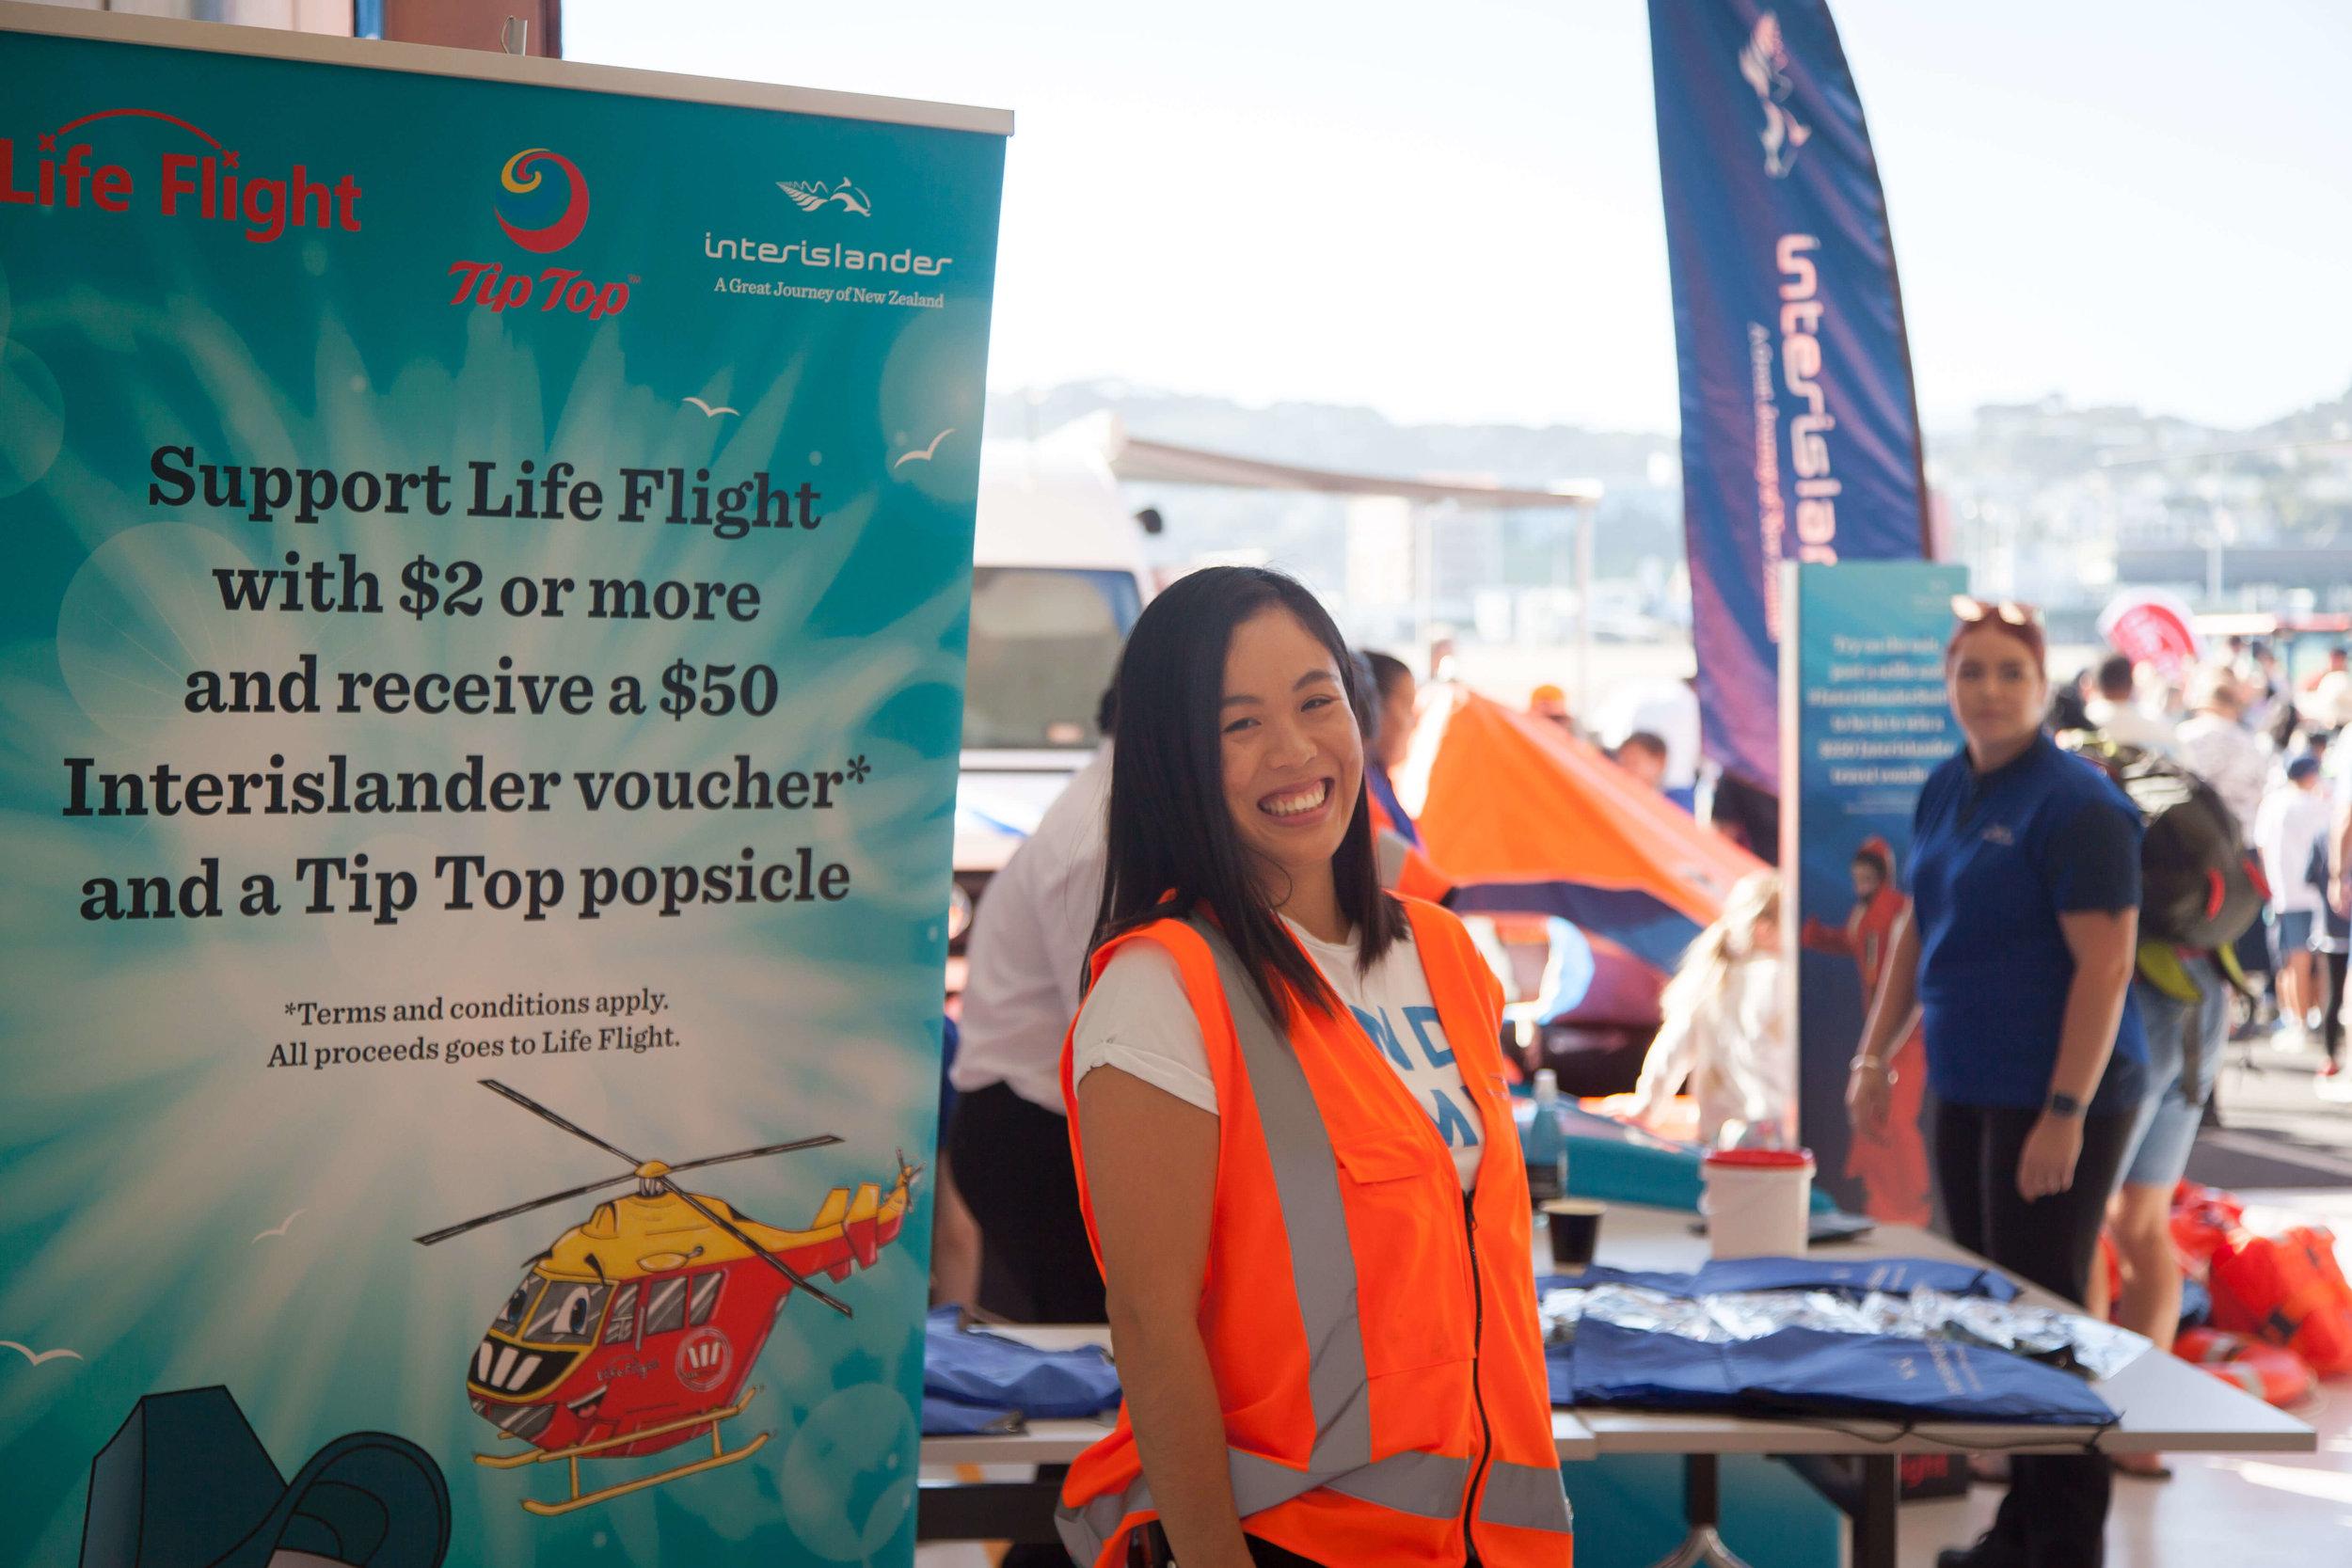 TR_Life Flight Open Day 2018_Interislander-6617.jpg